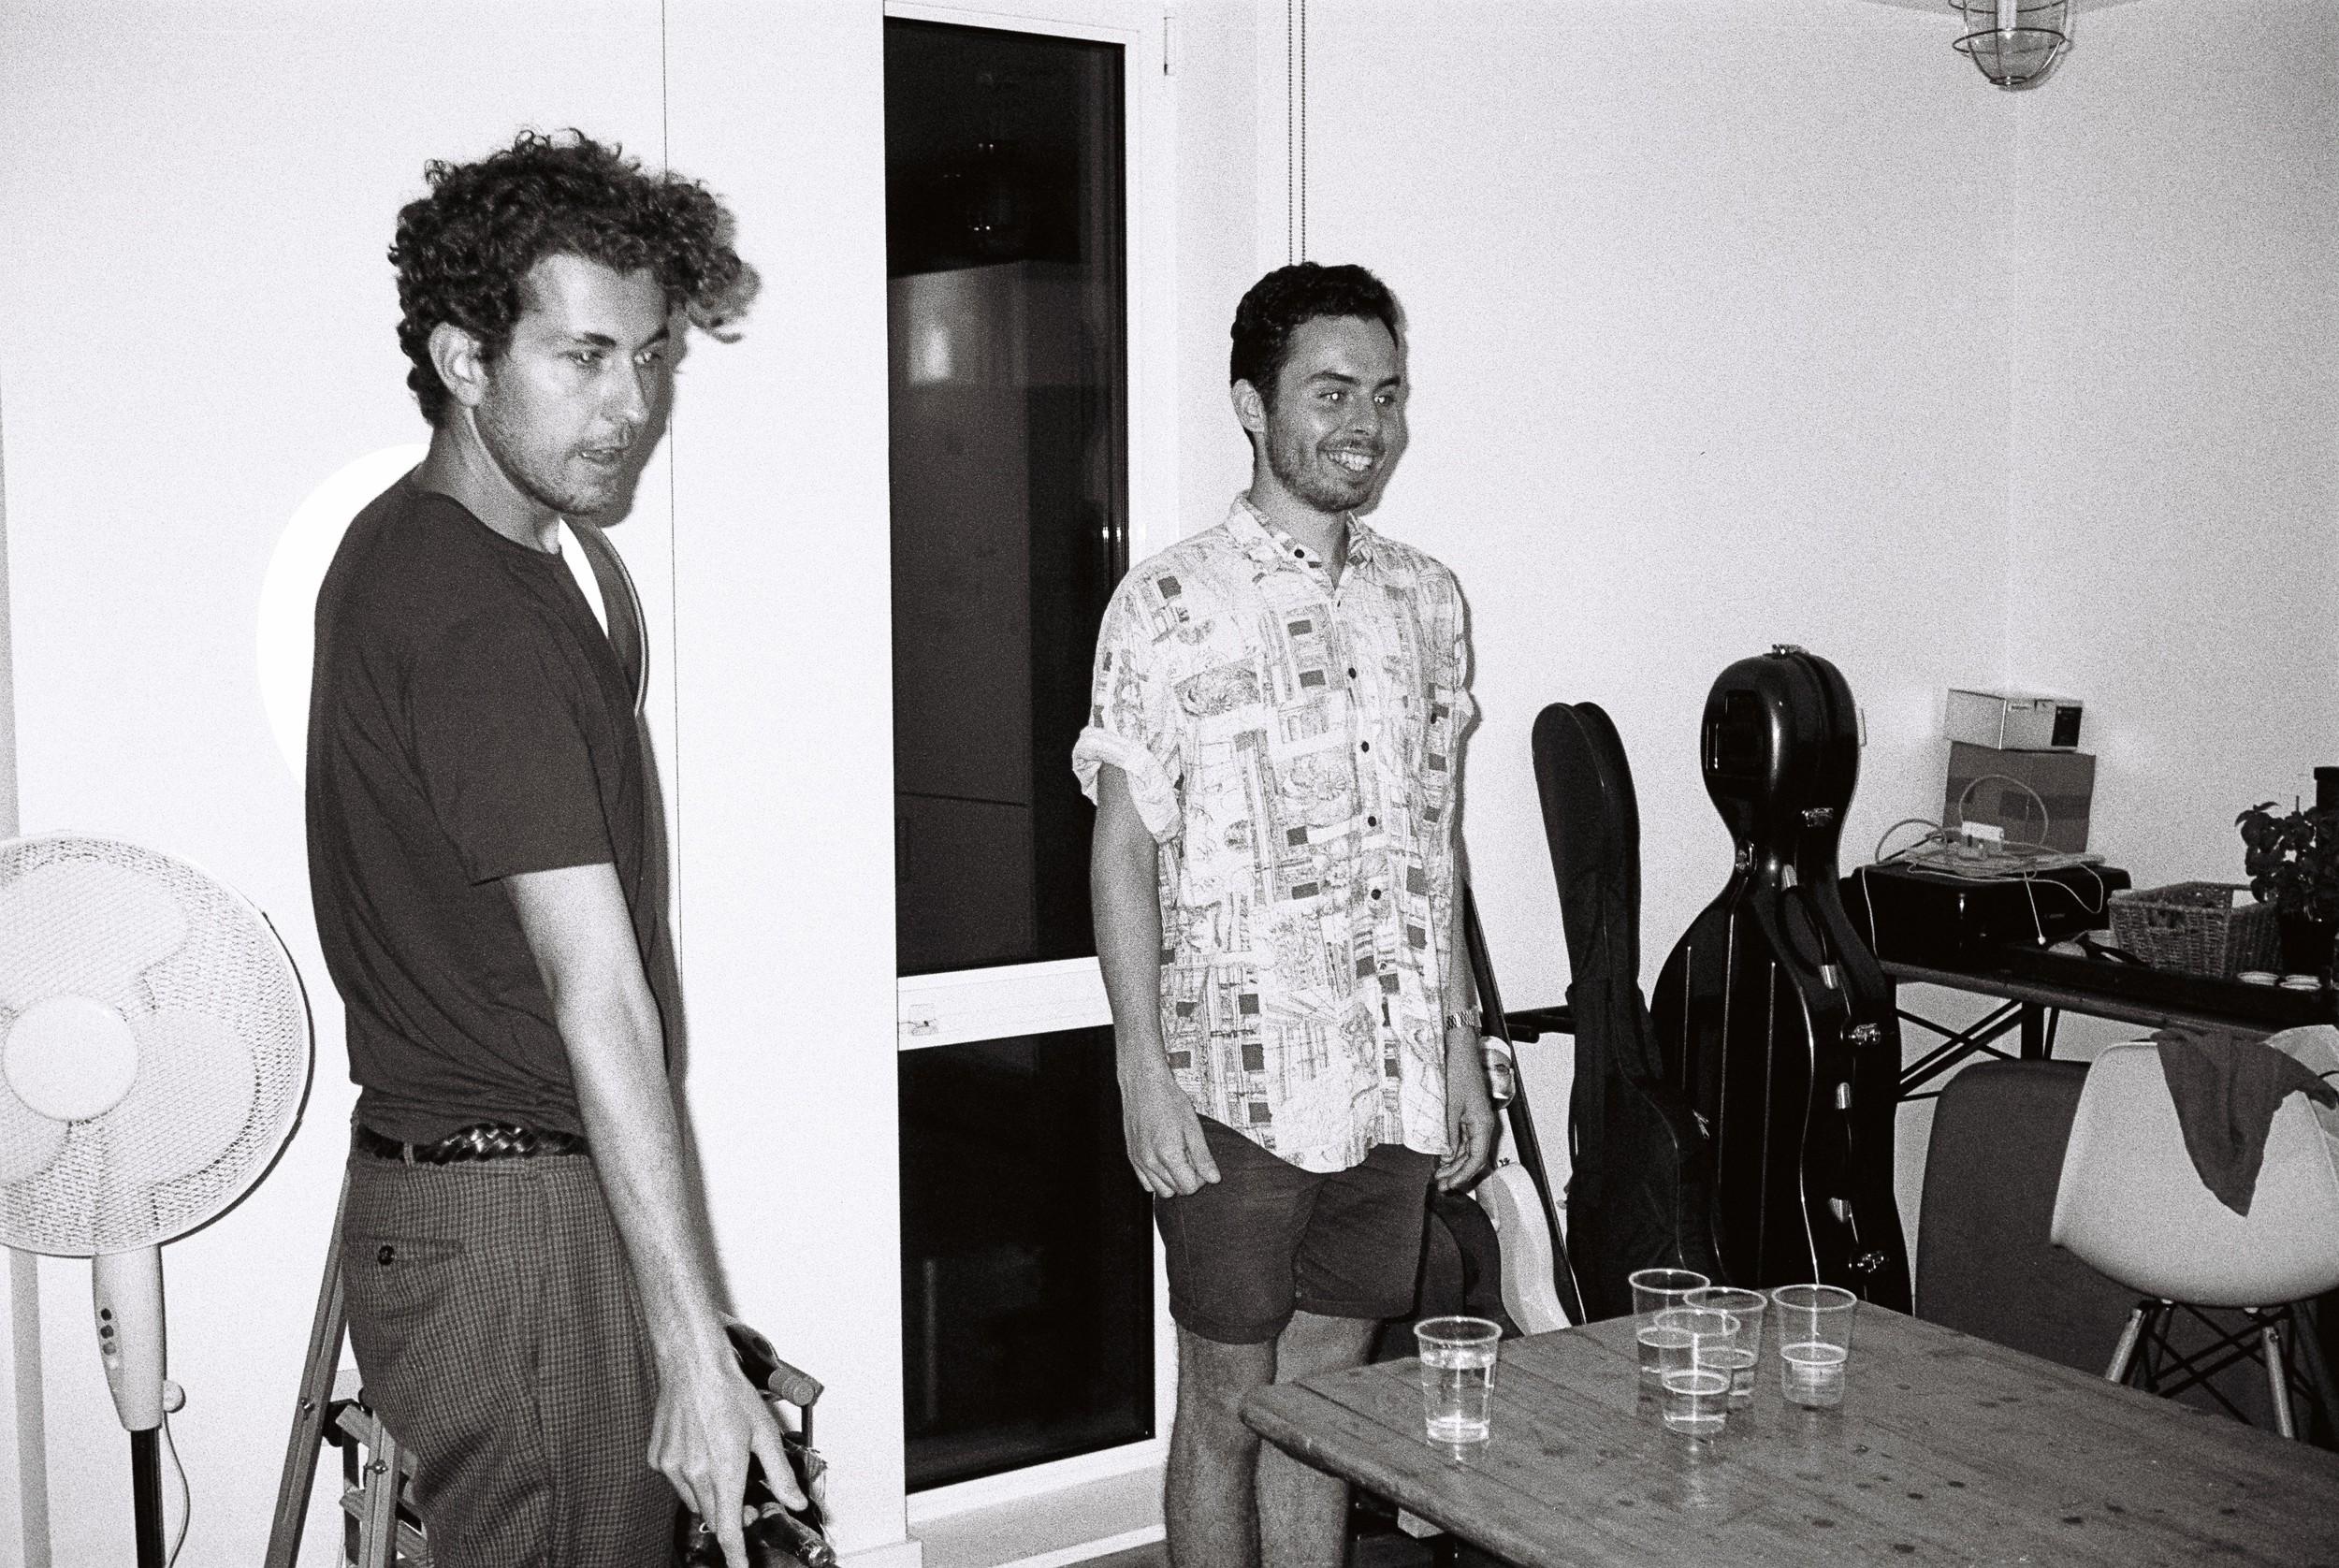 Tim & Jon, Sassy Pong